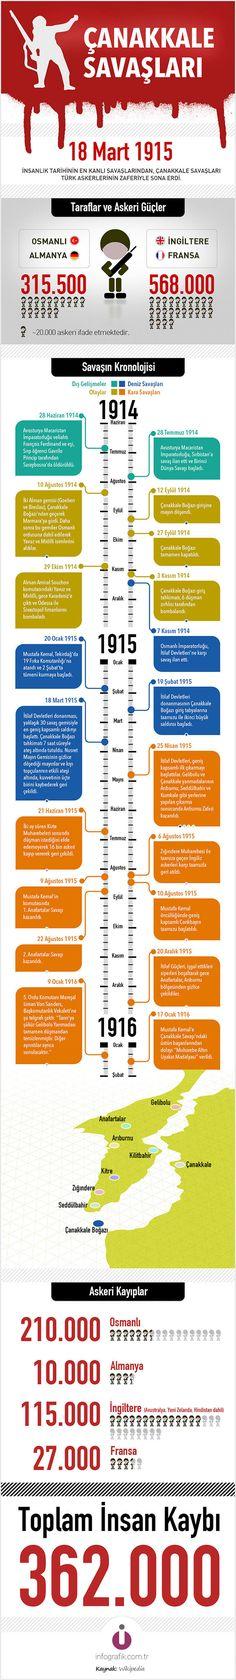 18 Mart Çanakkale Zaferi ve Çanakkale Savaşları   İnfografik